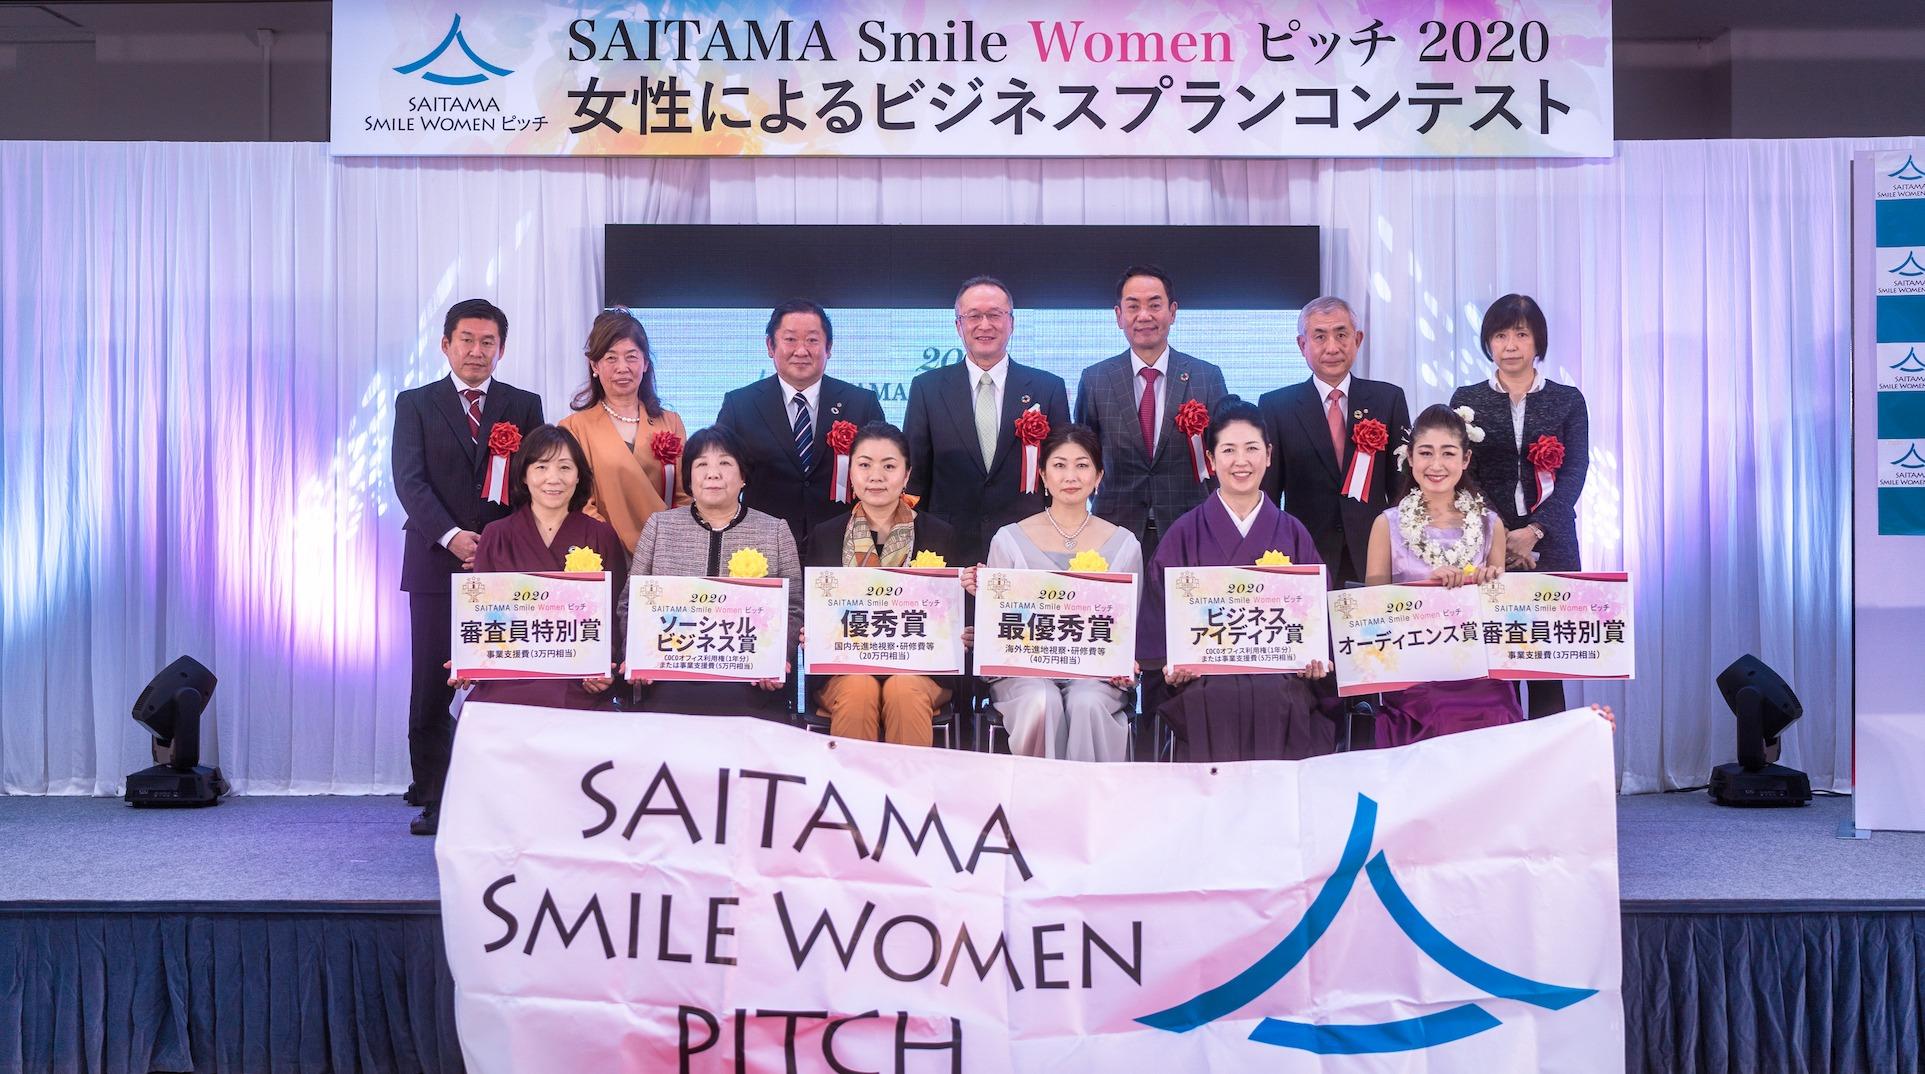 未創業者にもチャンス 第6回SAITAMA Smile Women ピッチ応募者募集中